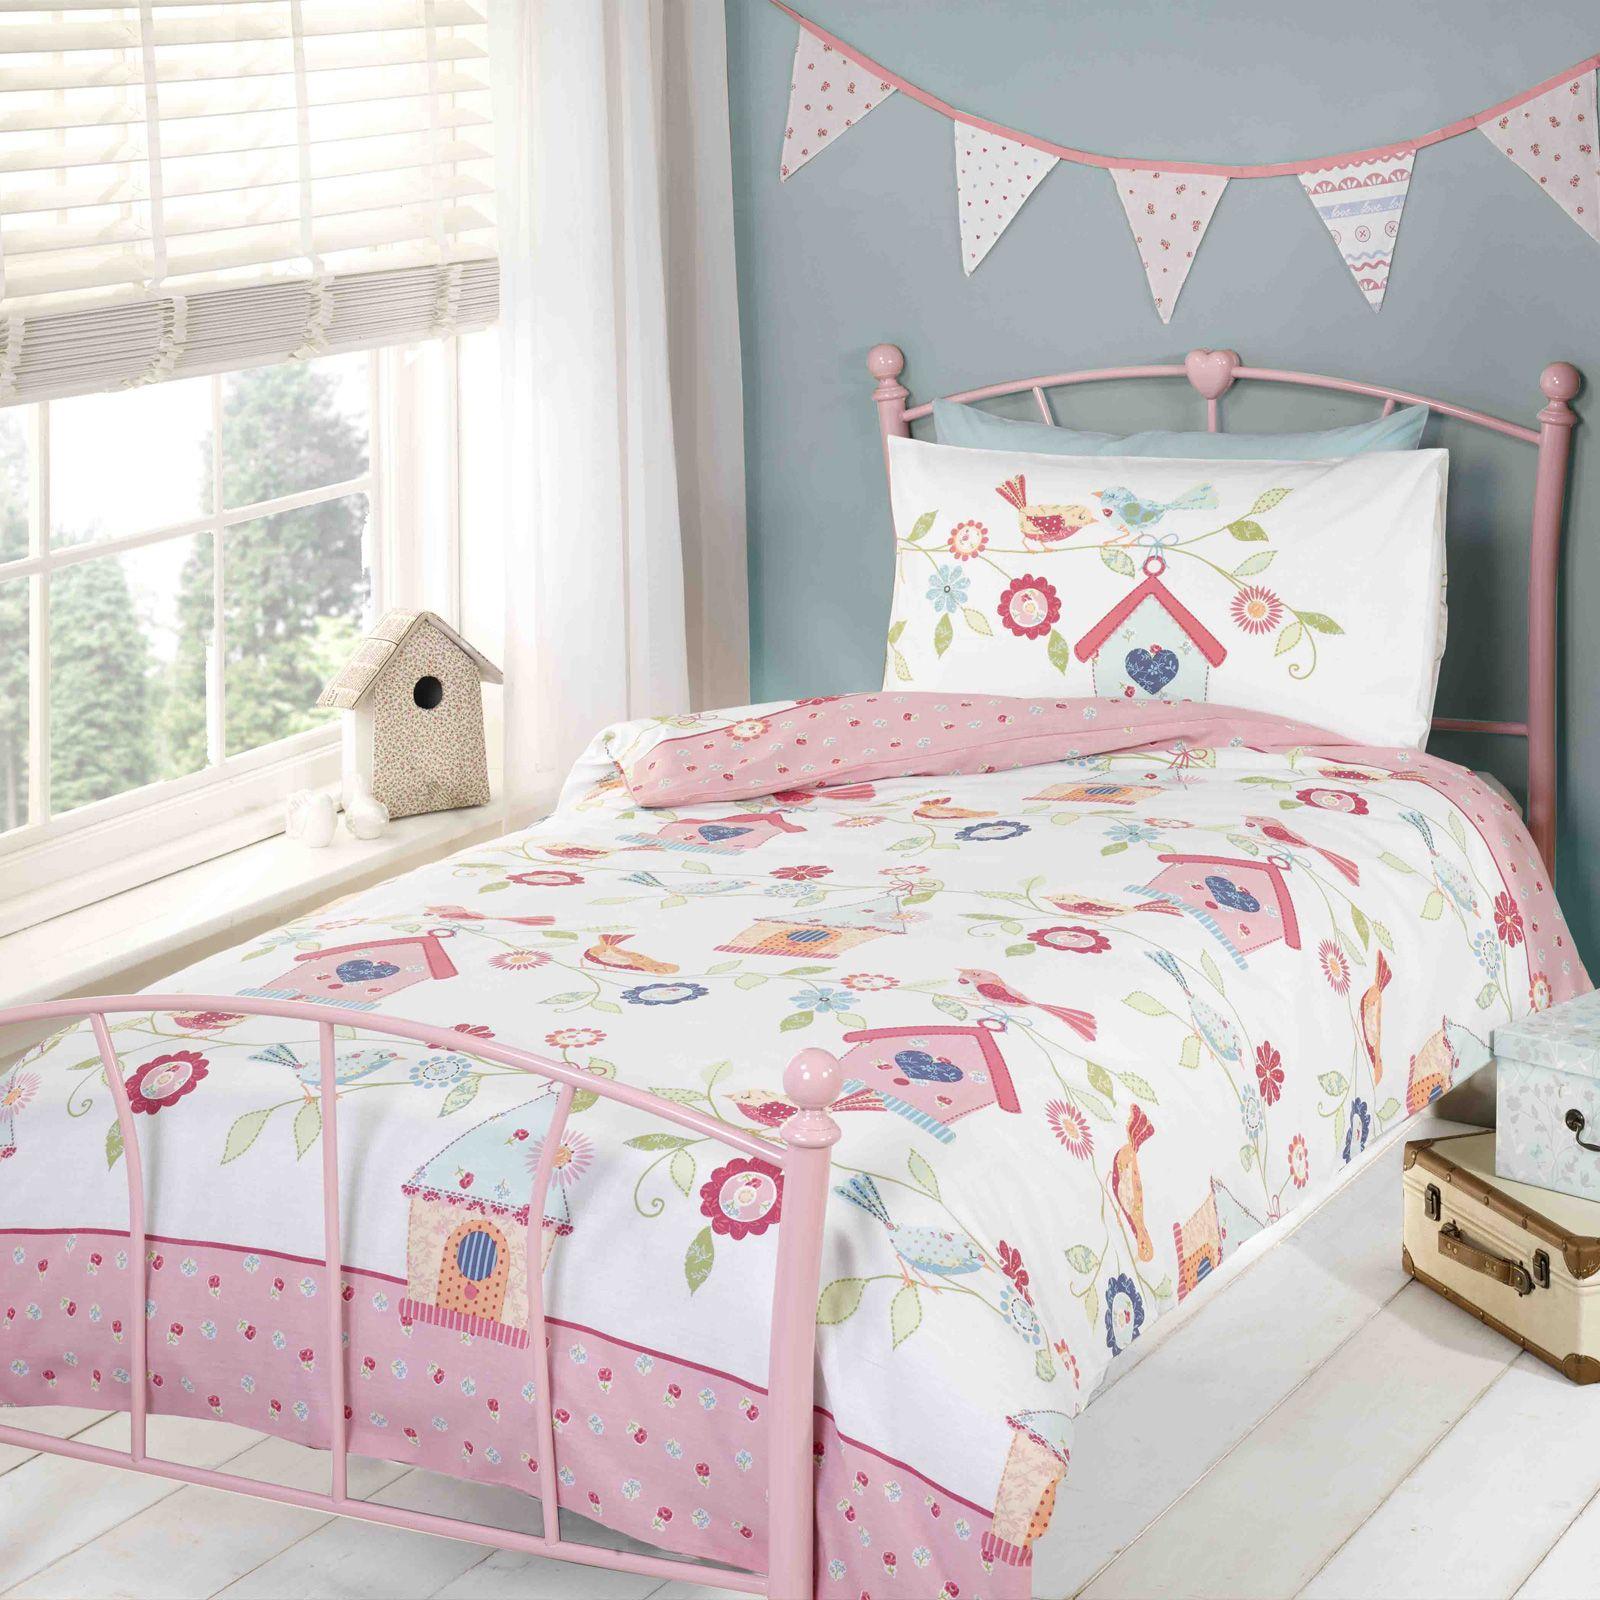 Ragazze copripiumino per letto singolo set biancheria da letto unicorno fiore ebay - Copripiumino letto singolo ...